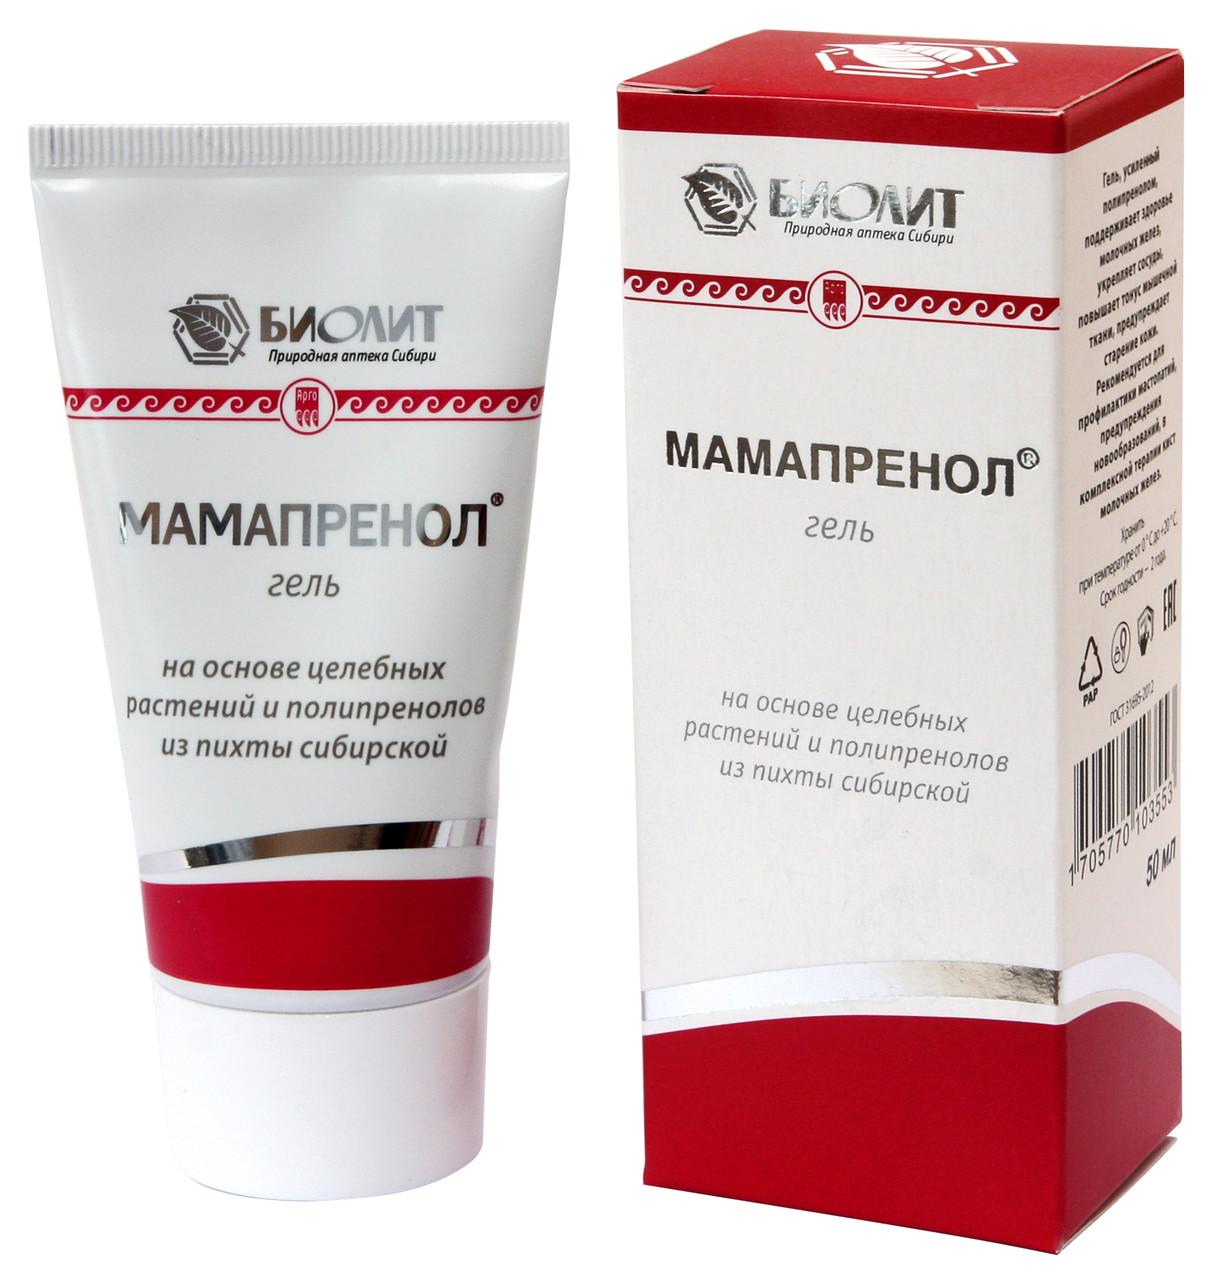 Мамапренол - лечение мастопатии